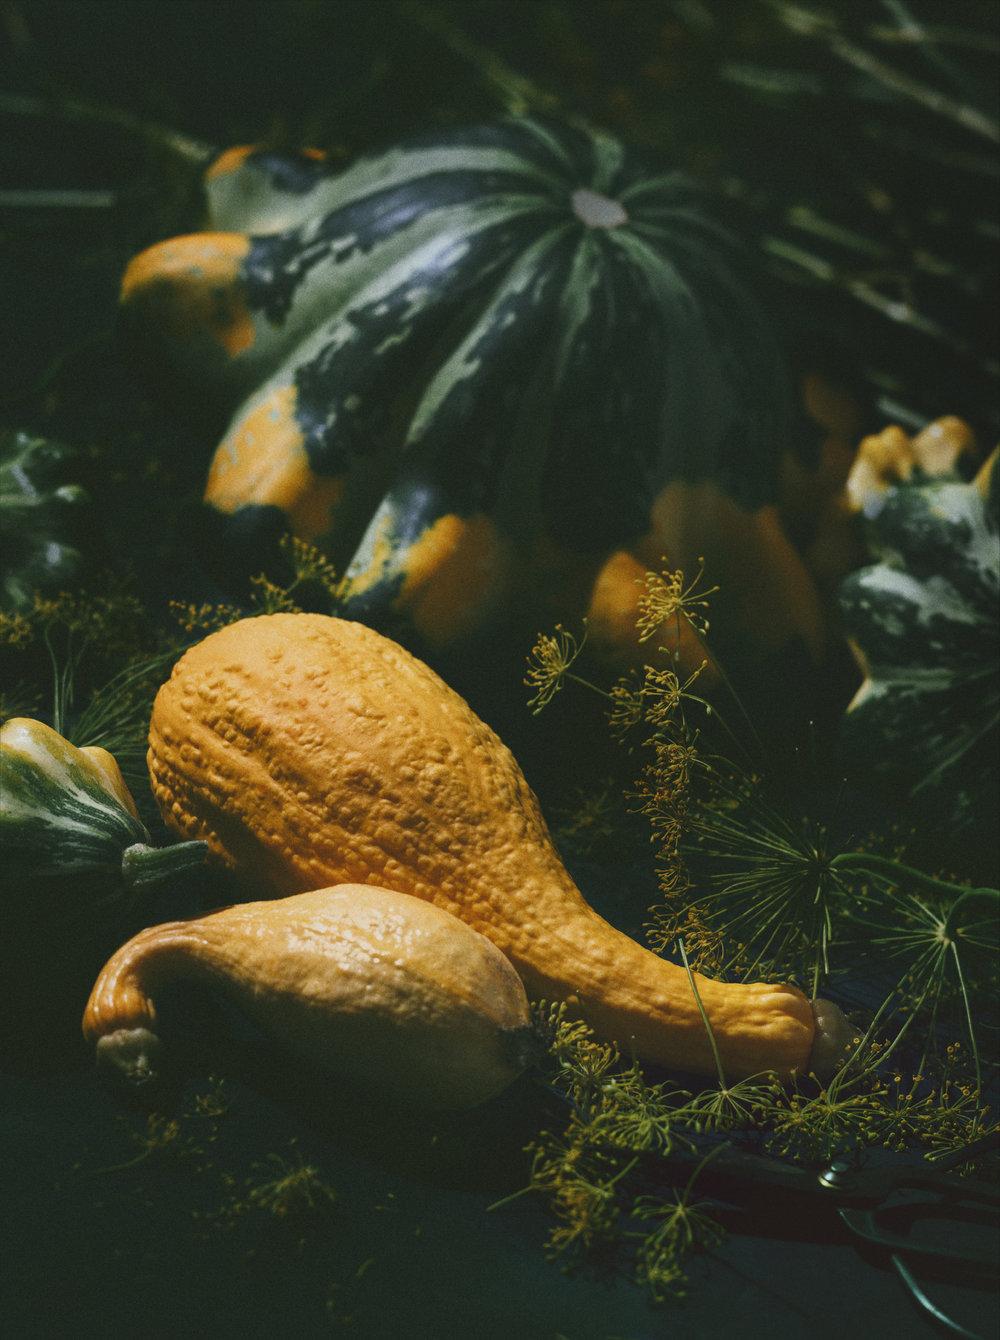 autumn squash local ontario still life food photos